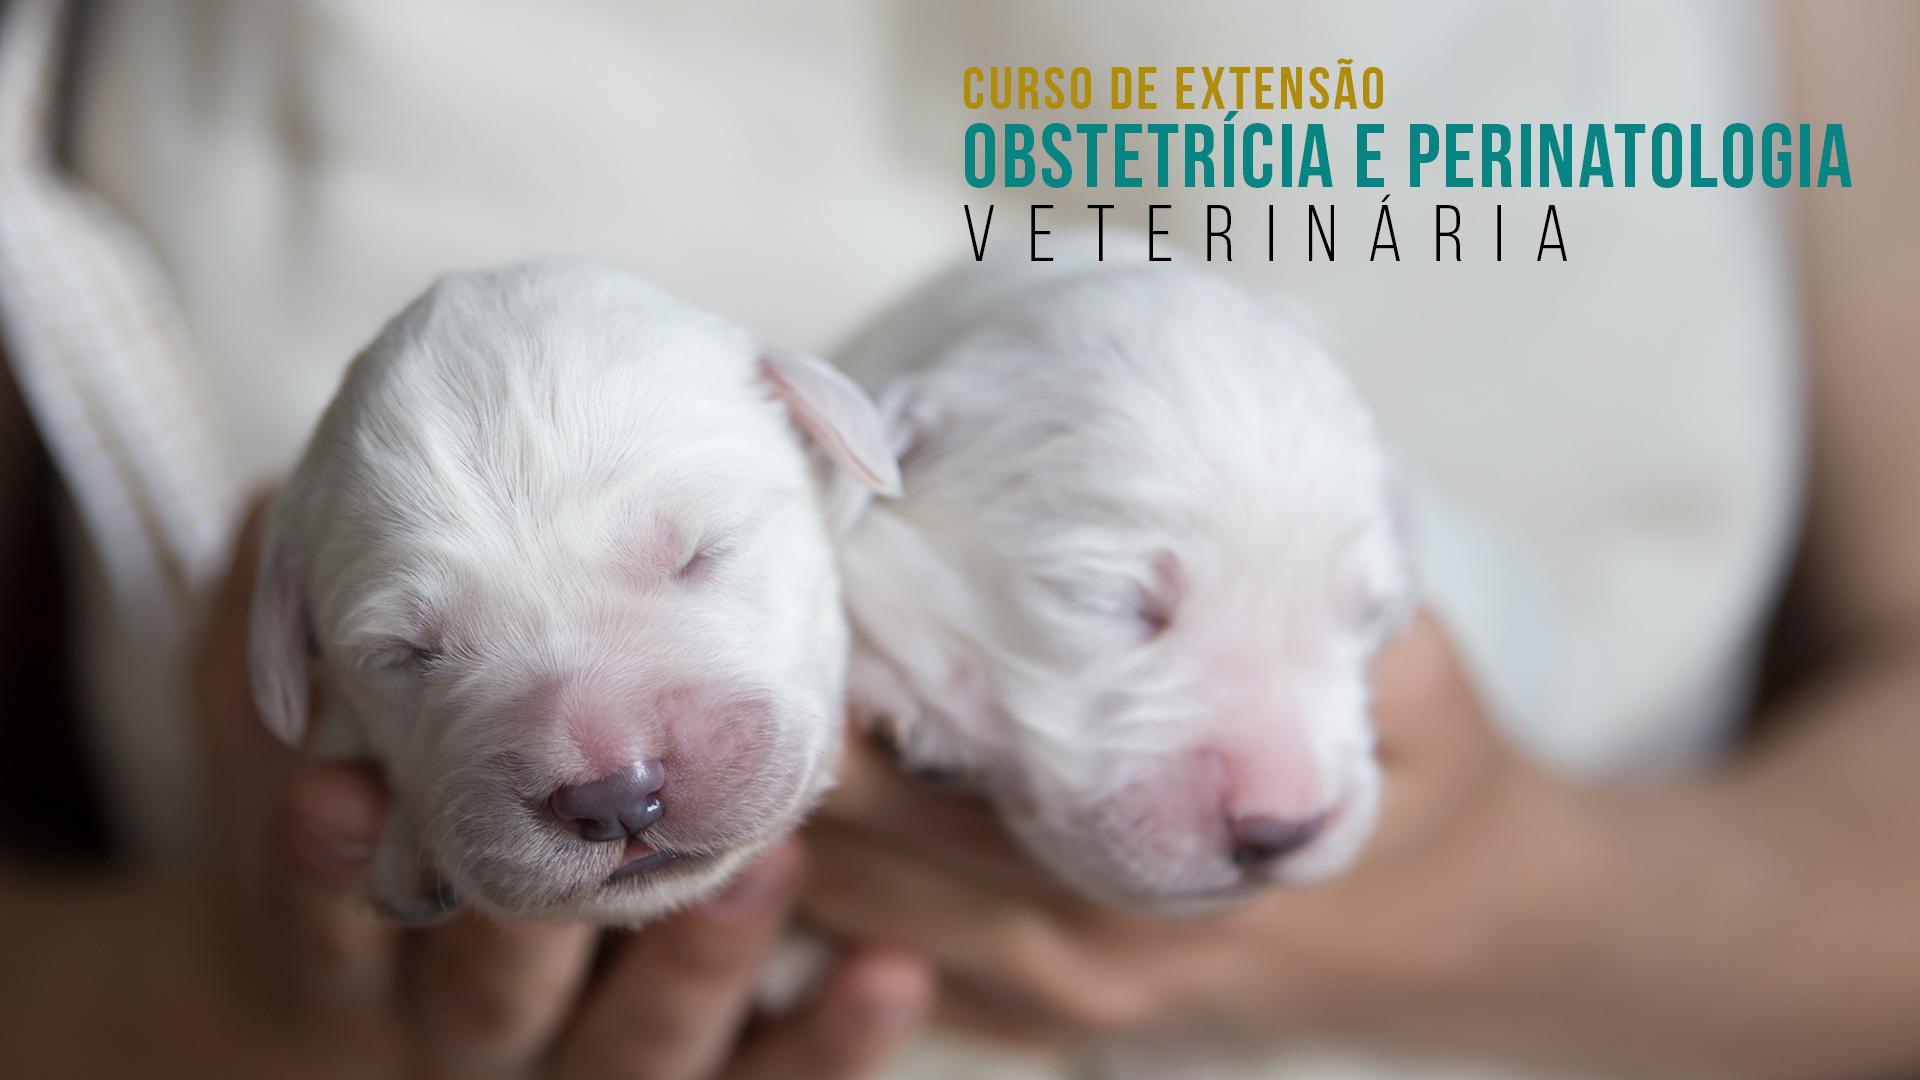 Curso de Extensão em Obstetrícia e Perinatologia Veterinária